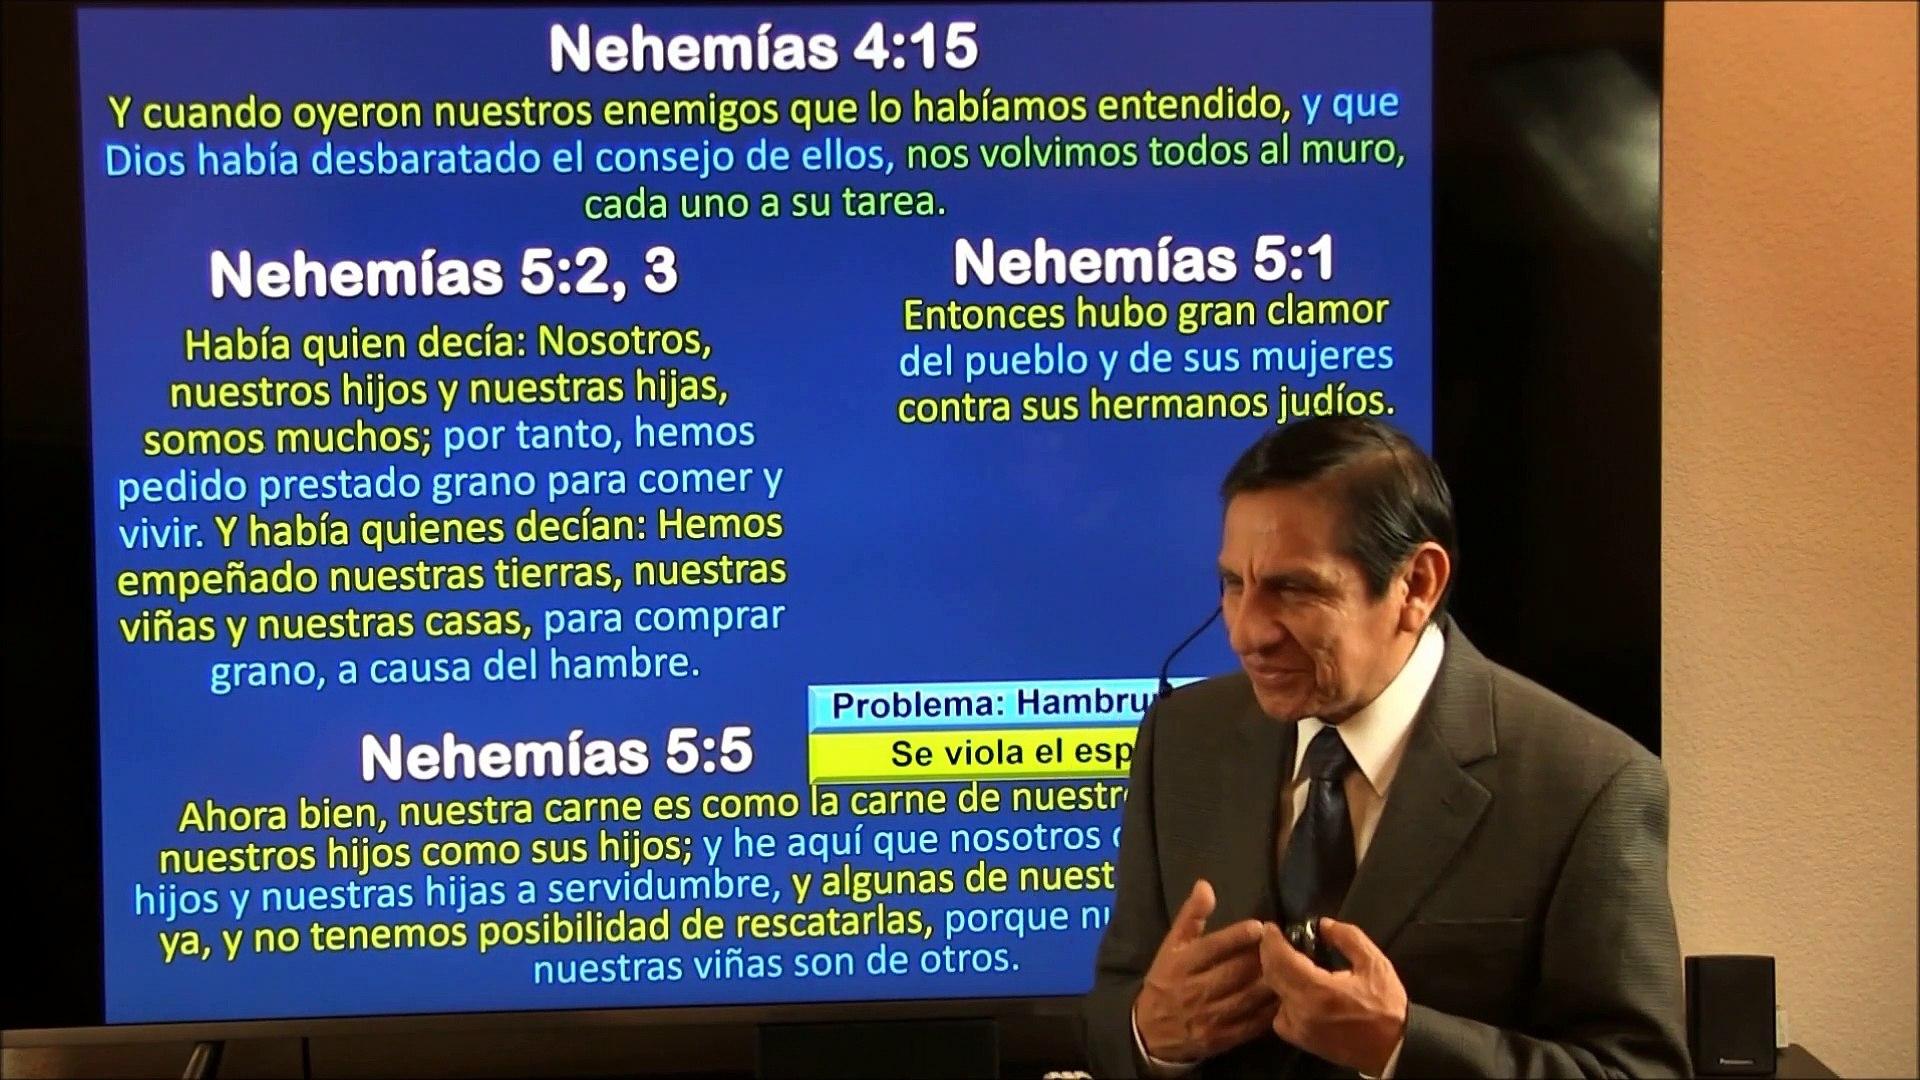 Lección 5: Se viola el espíritu de la ley - Escuela sabatica 2000